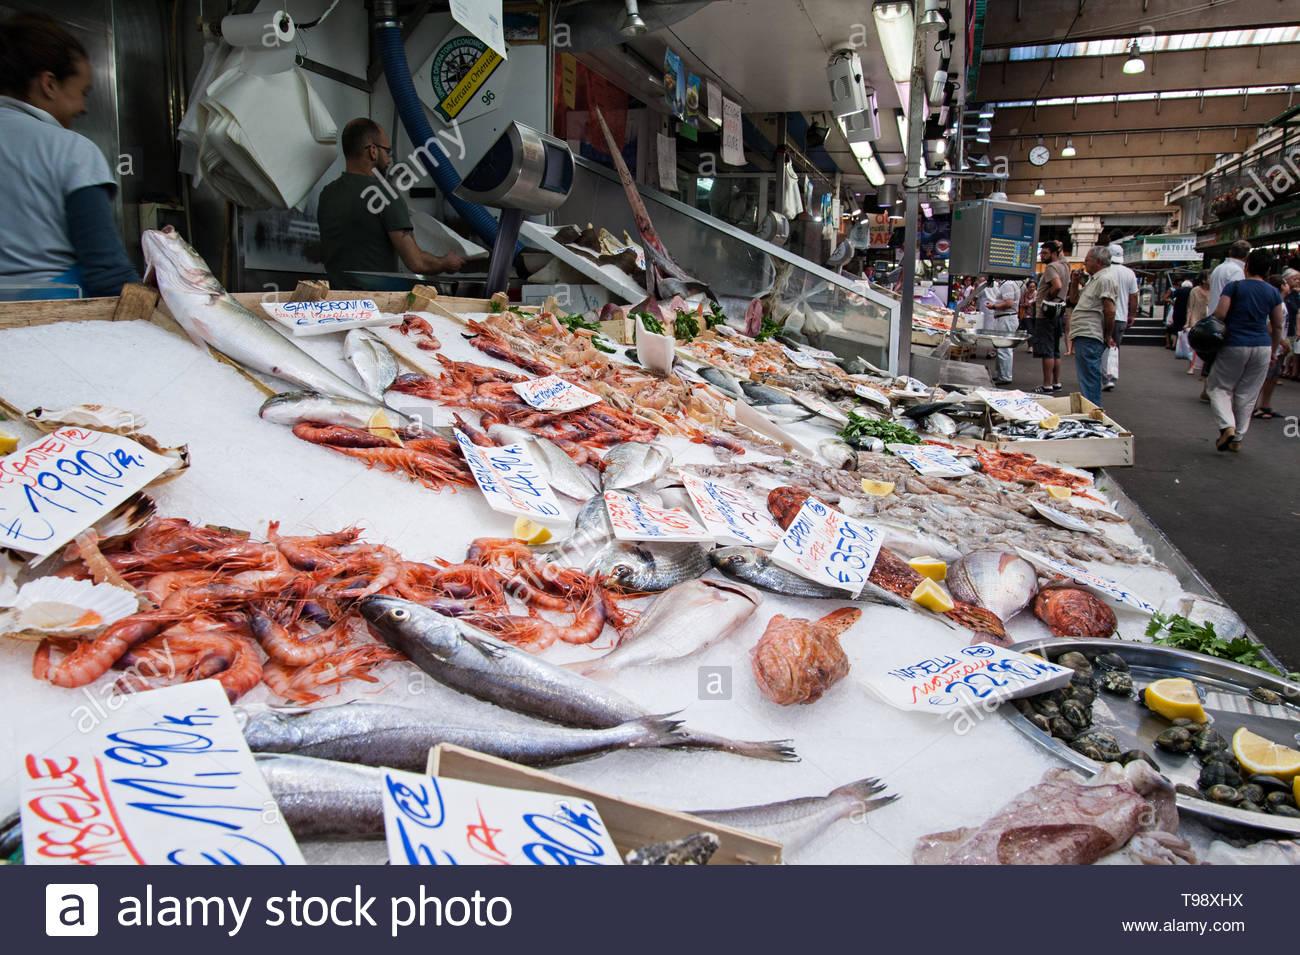 fish counter, mercato orientale in genoa - Stock Image